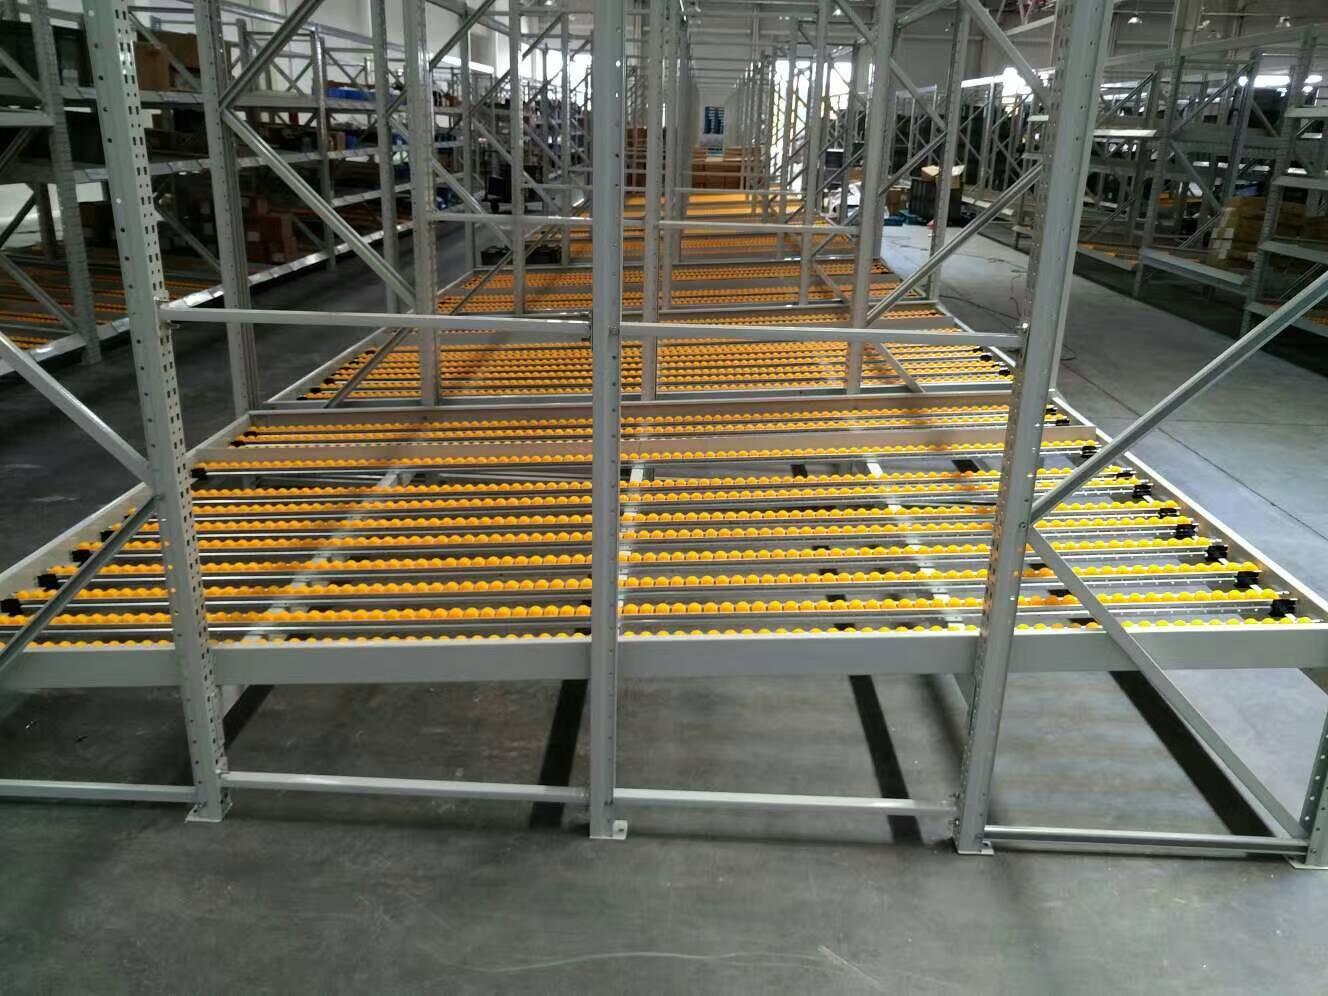 南京仓储货架厂家:流利式货架结构优势有哪些